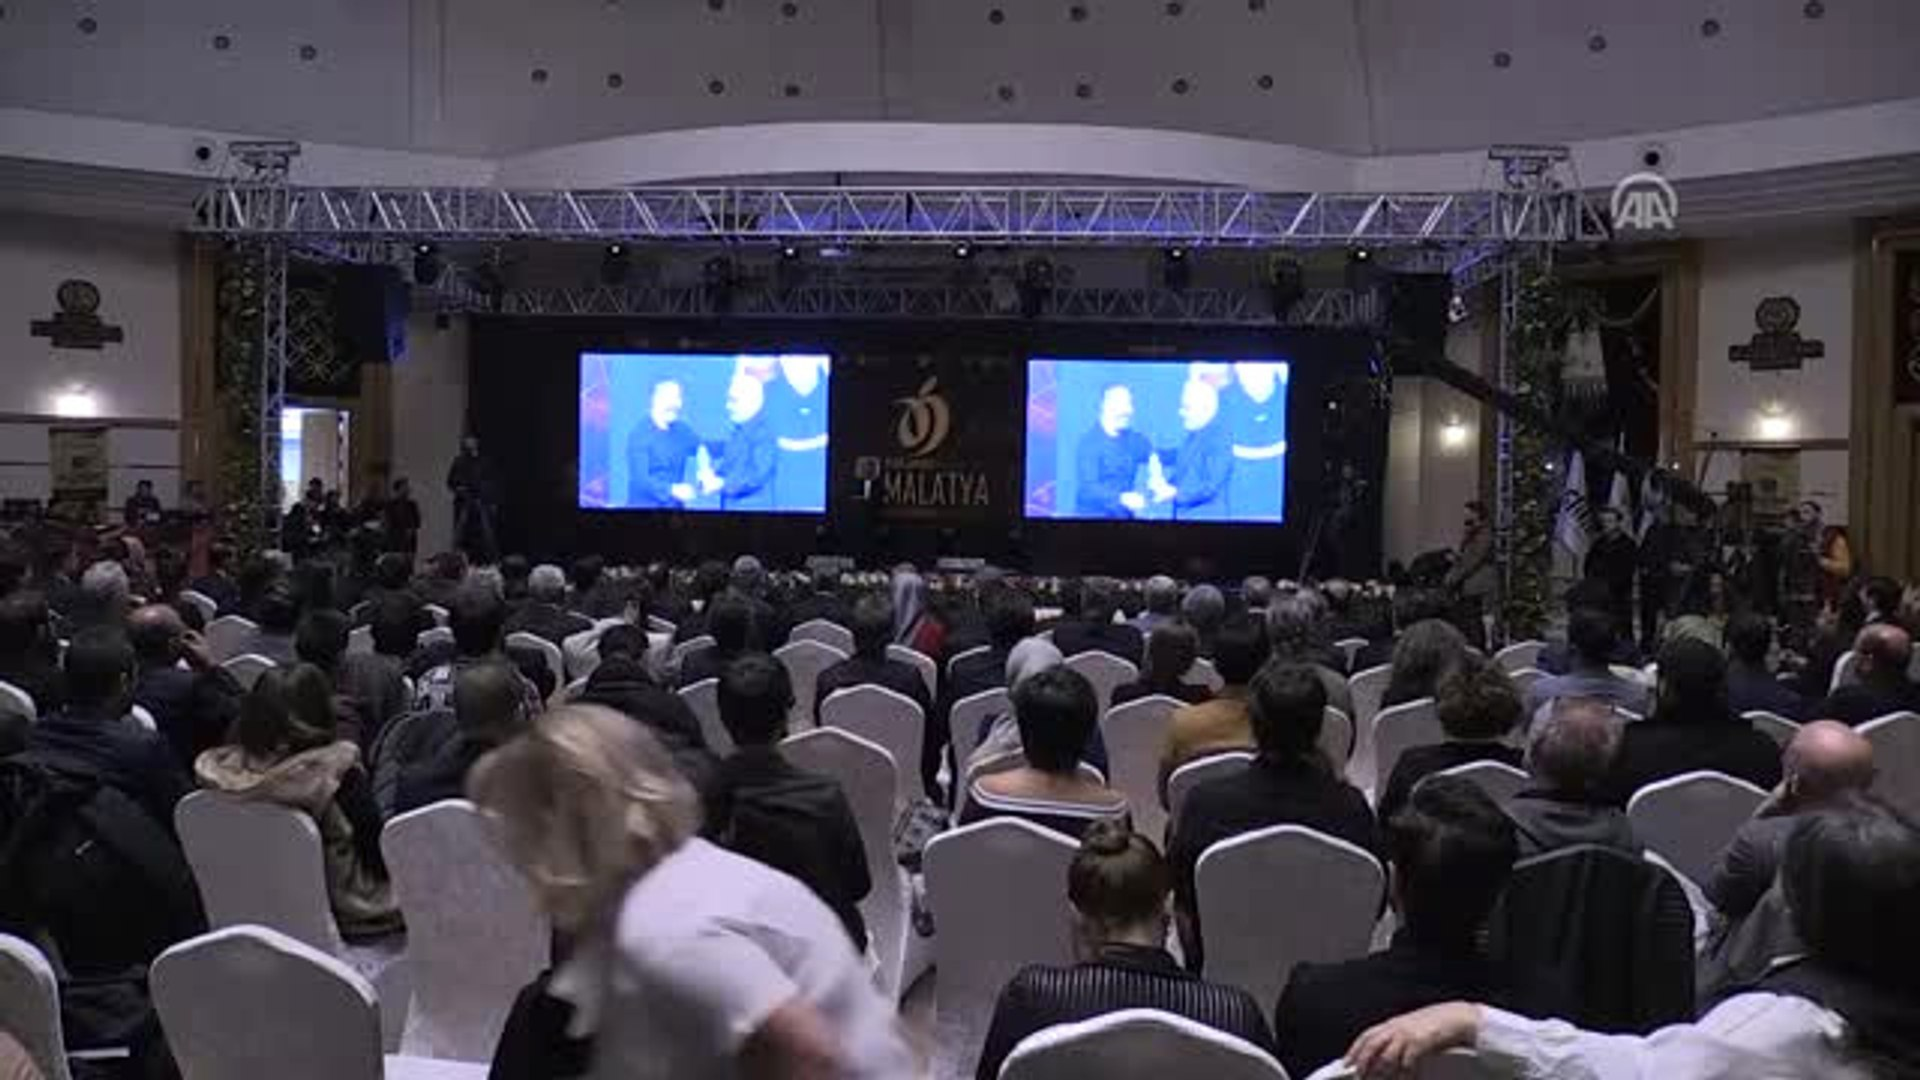 8. Malatya Uluslararası Film Festivali Ödül Töreni